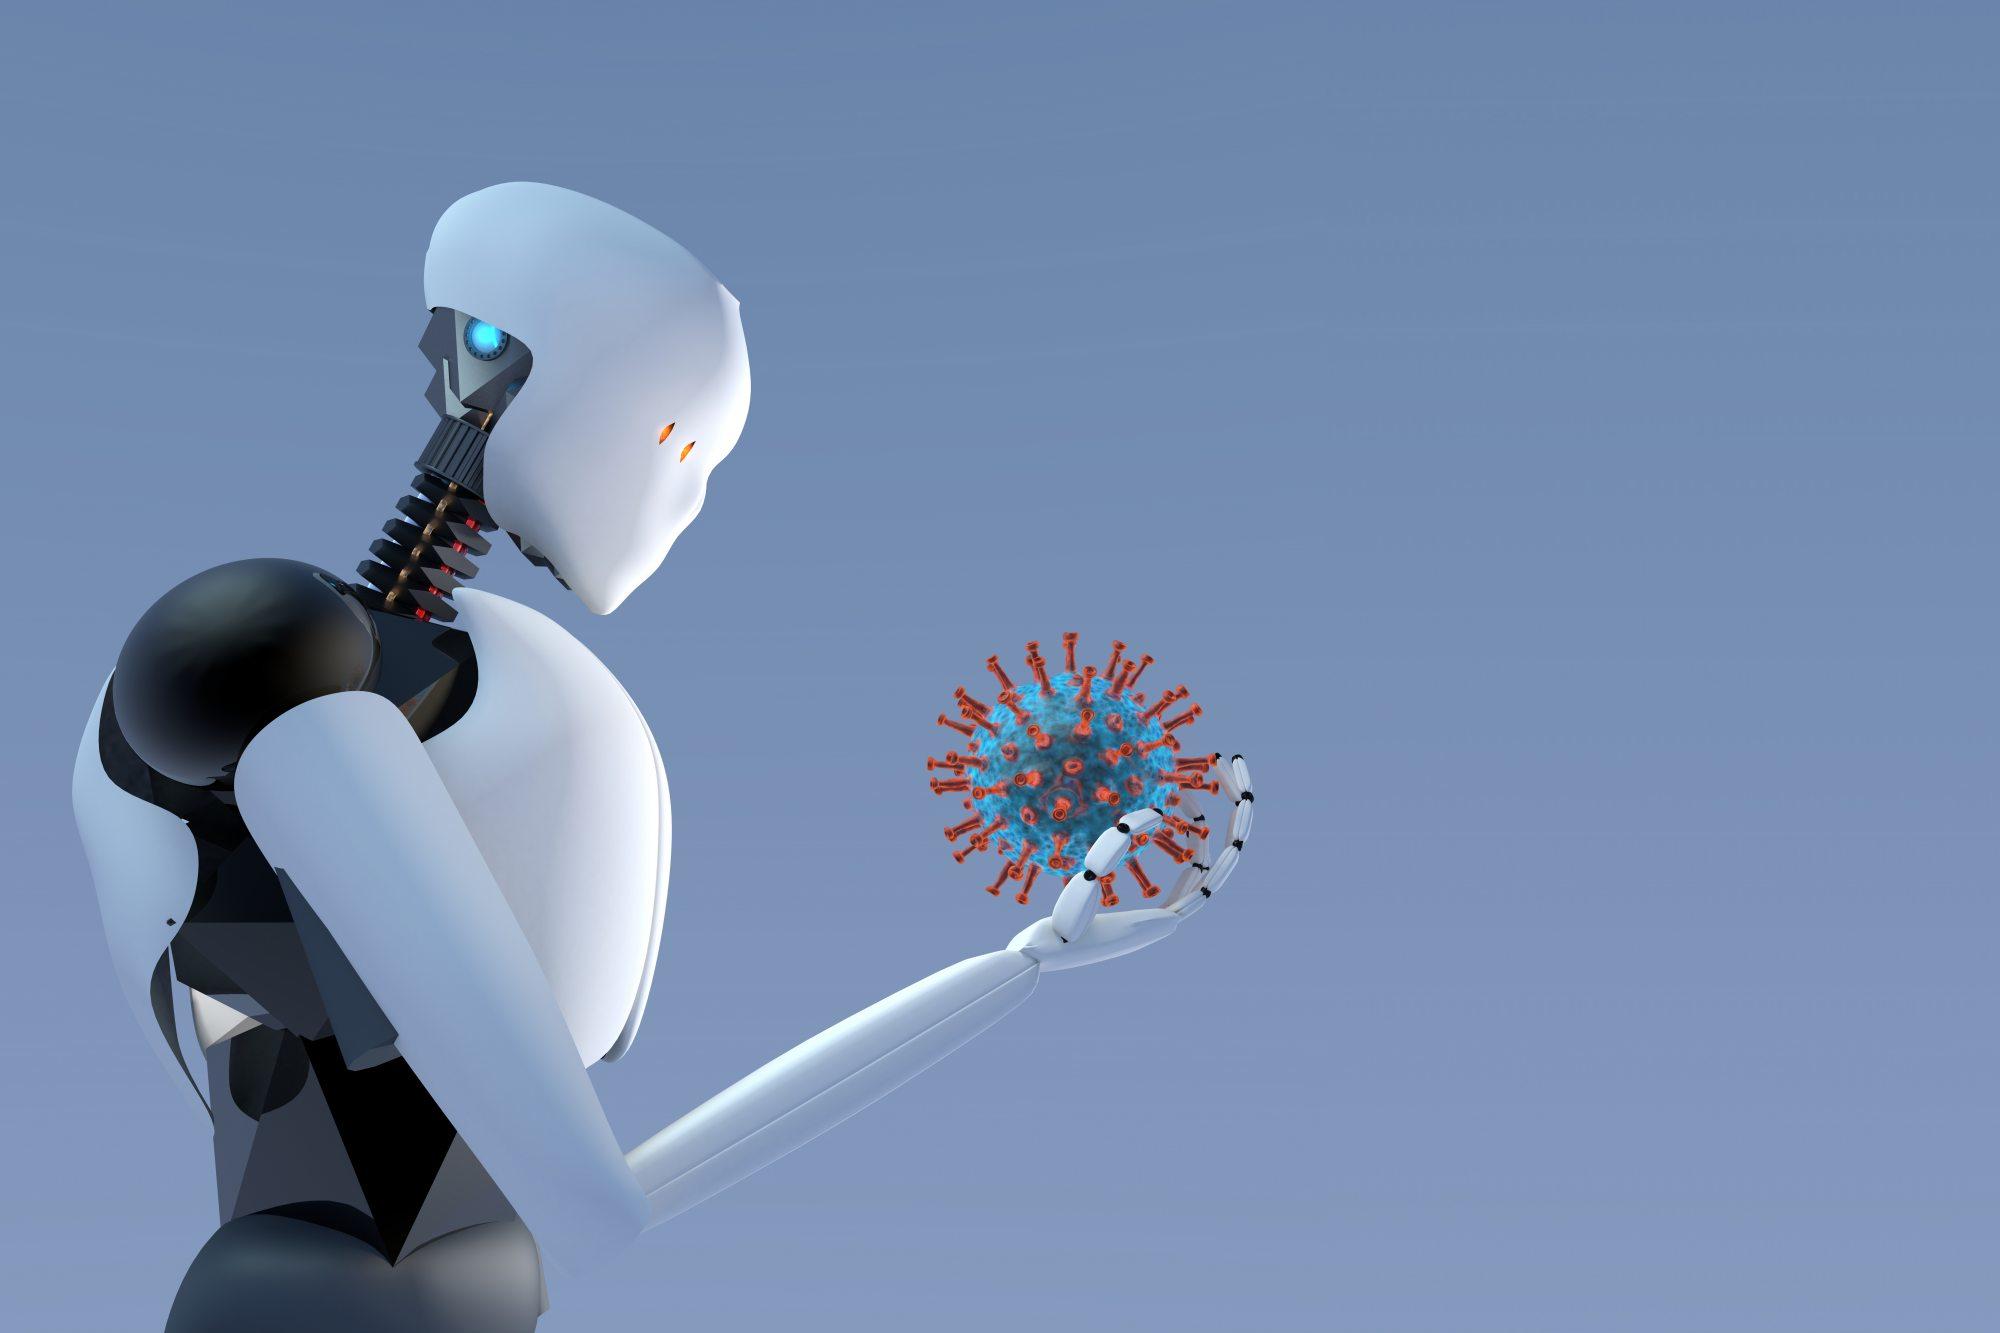 Robot holding virus